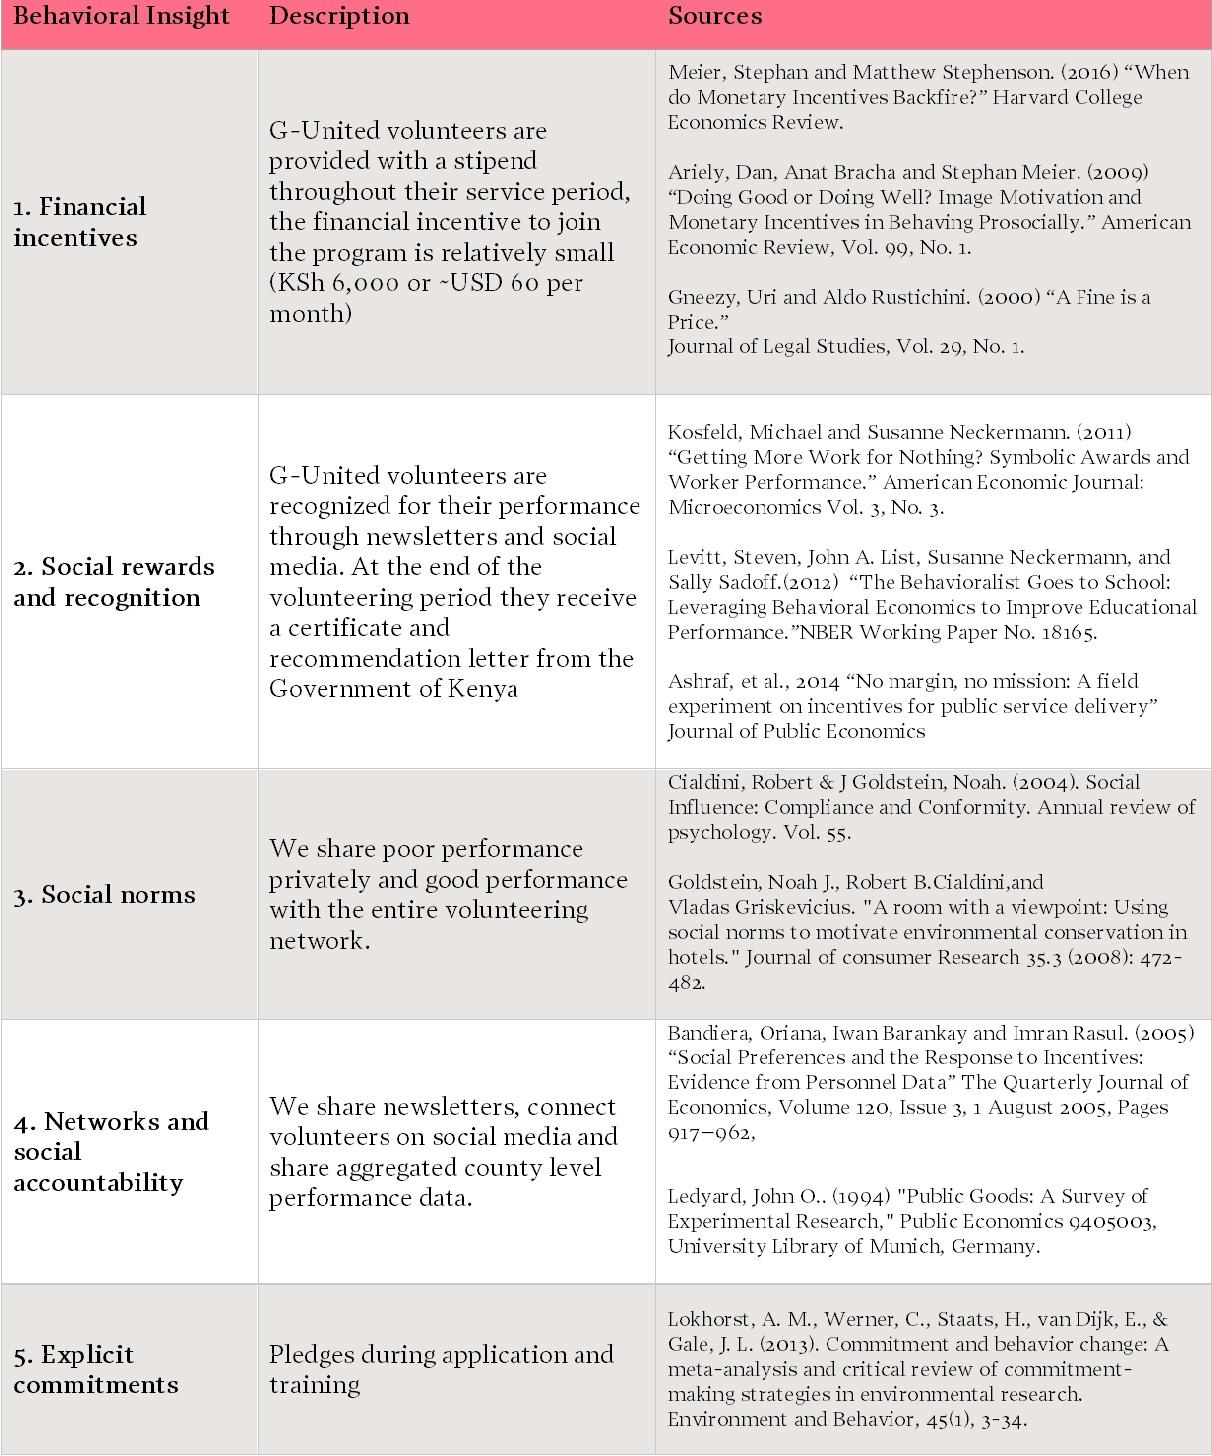 beahavioral-nudges-summary-table.jpg